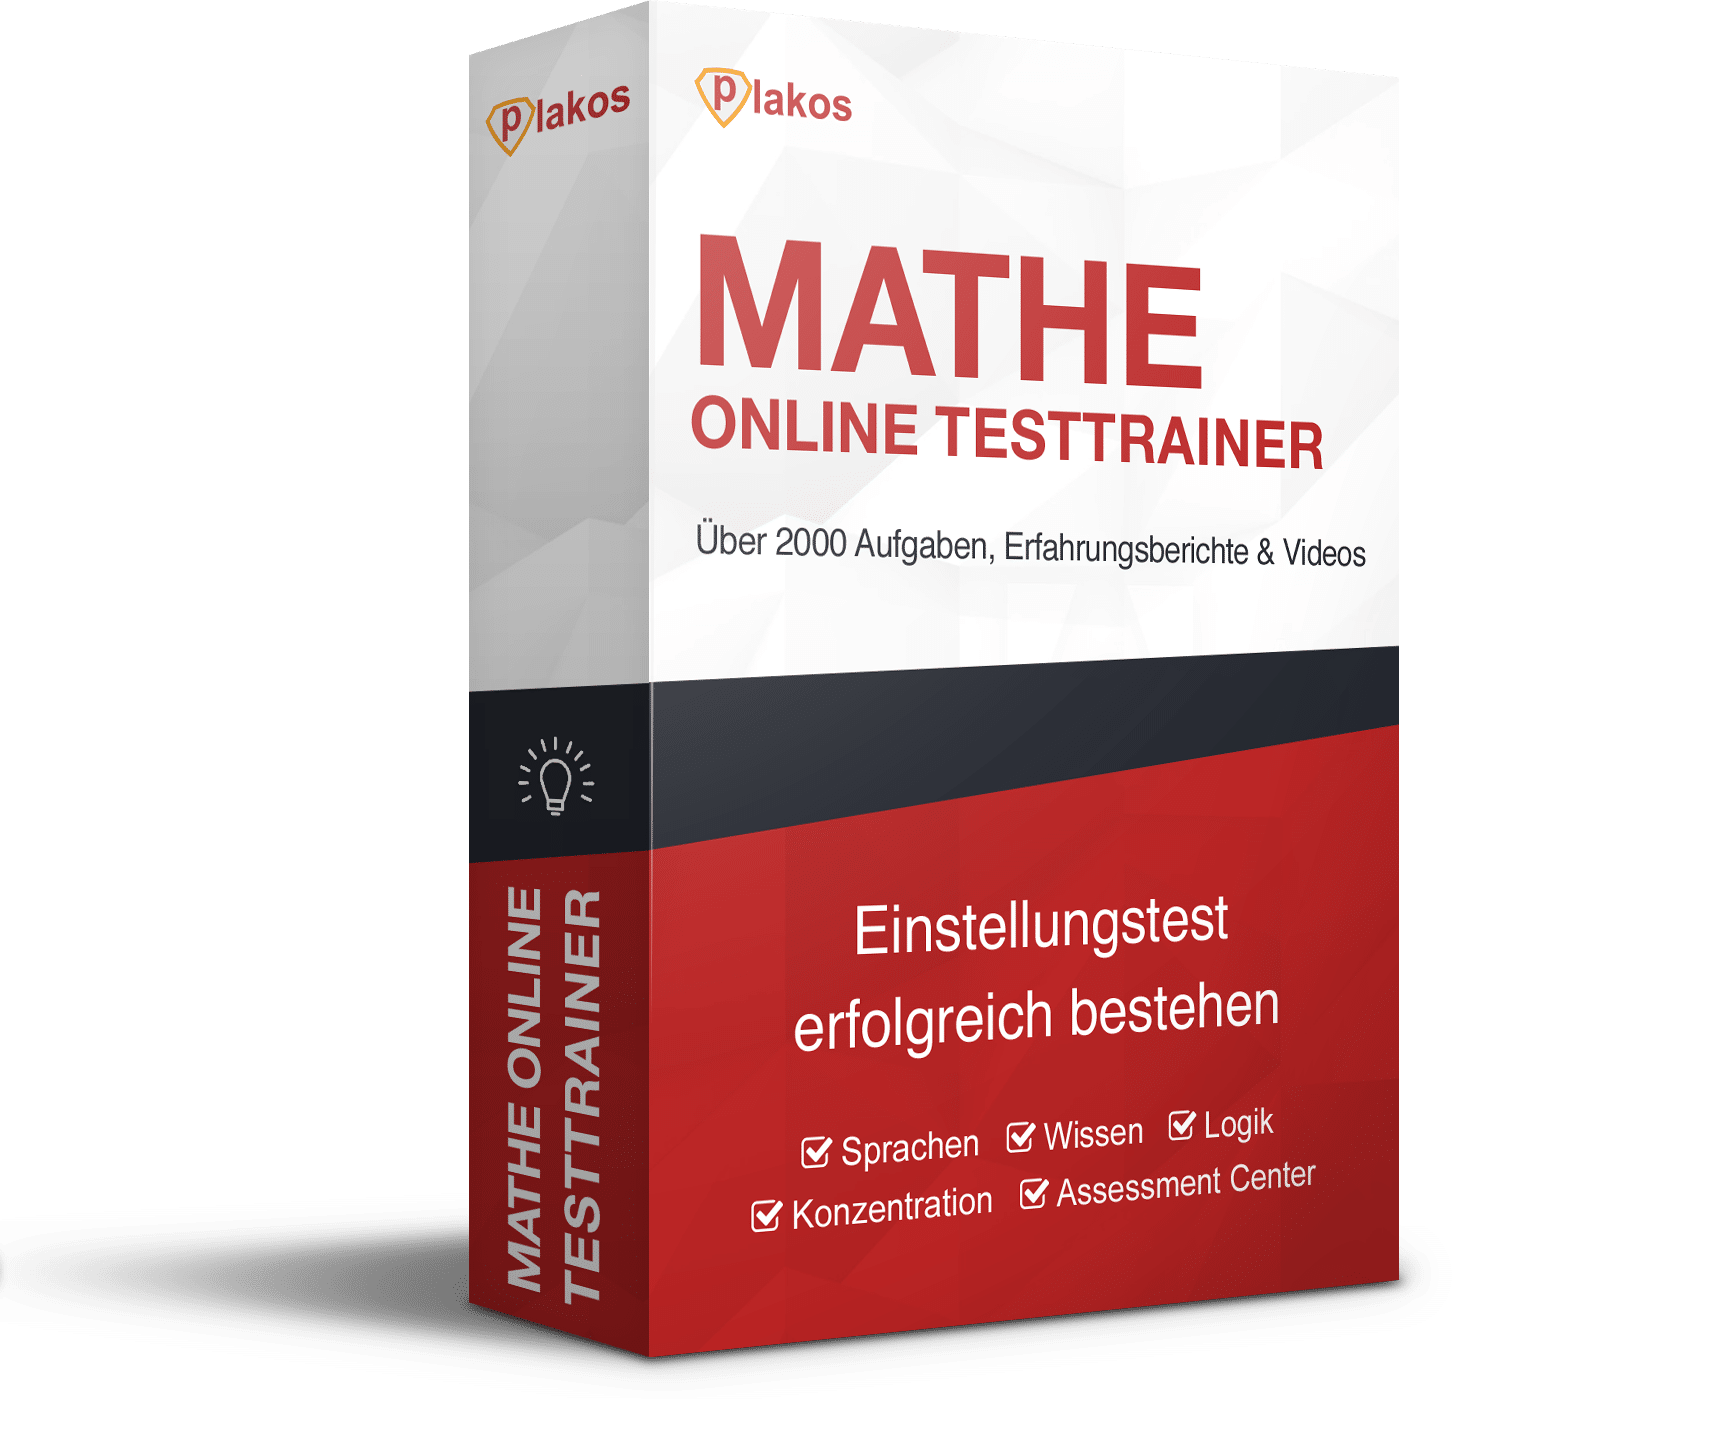 Mathe Online Testtrainer